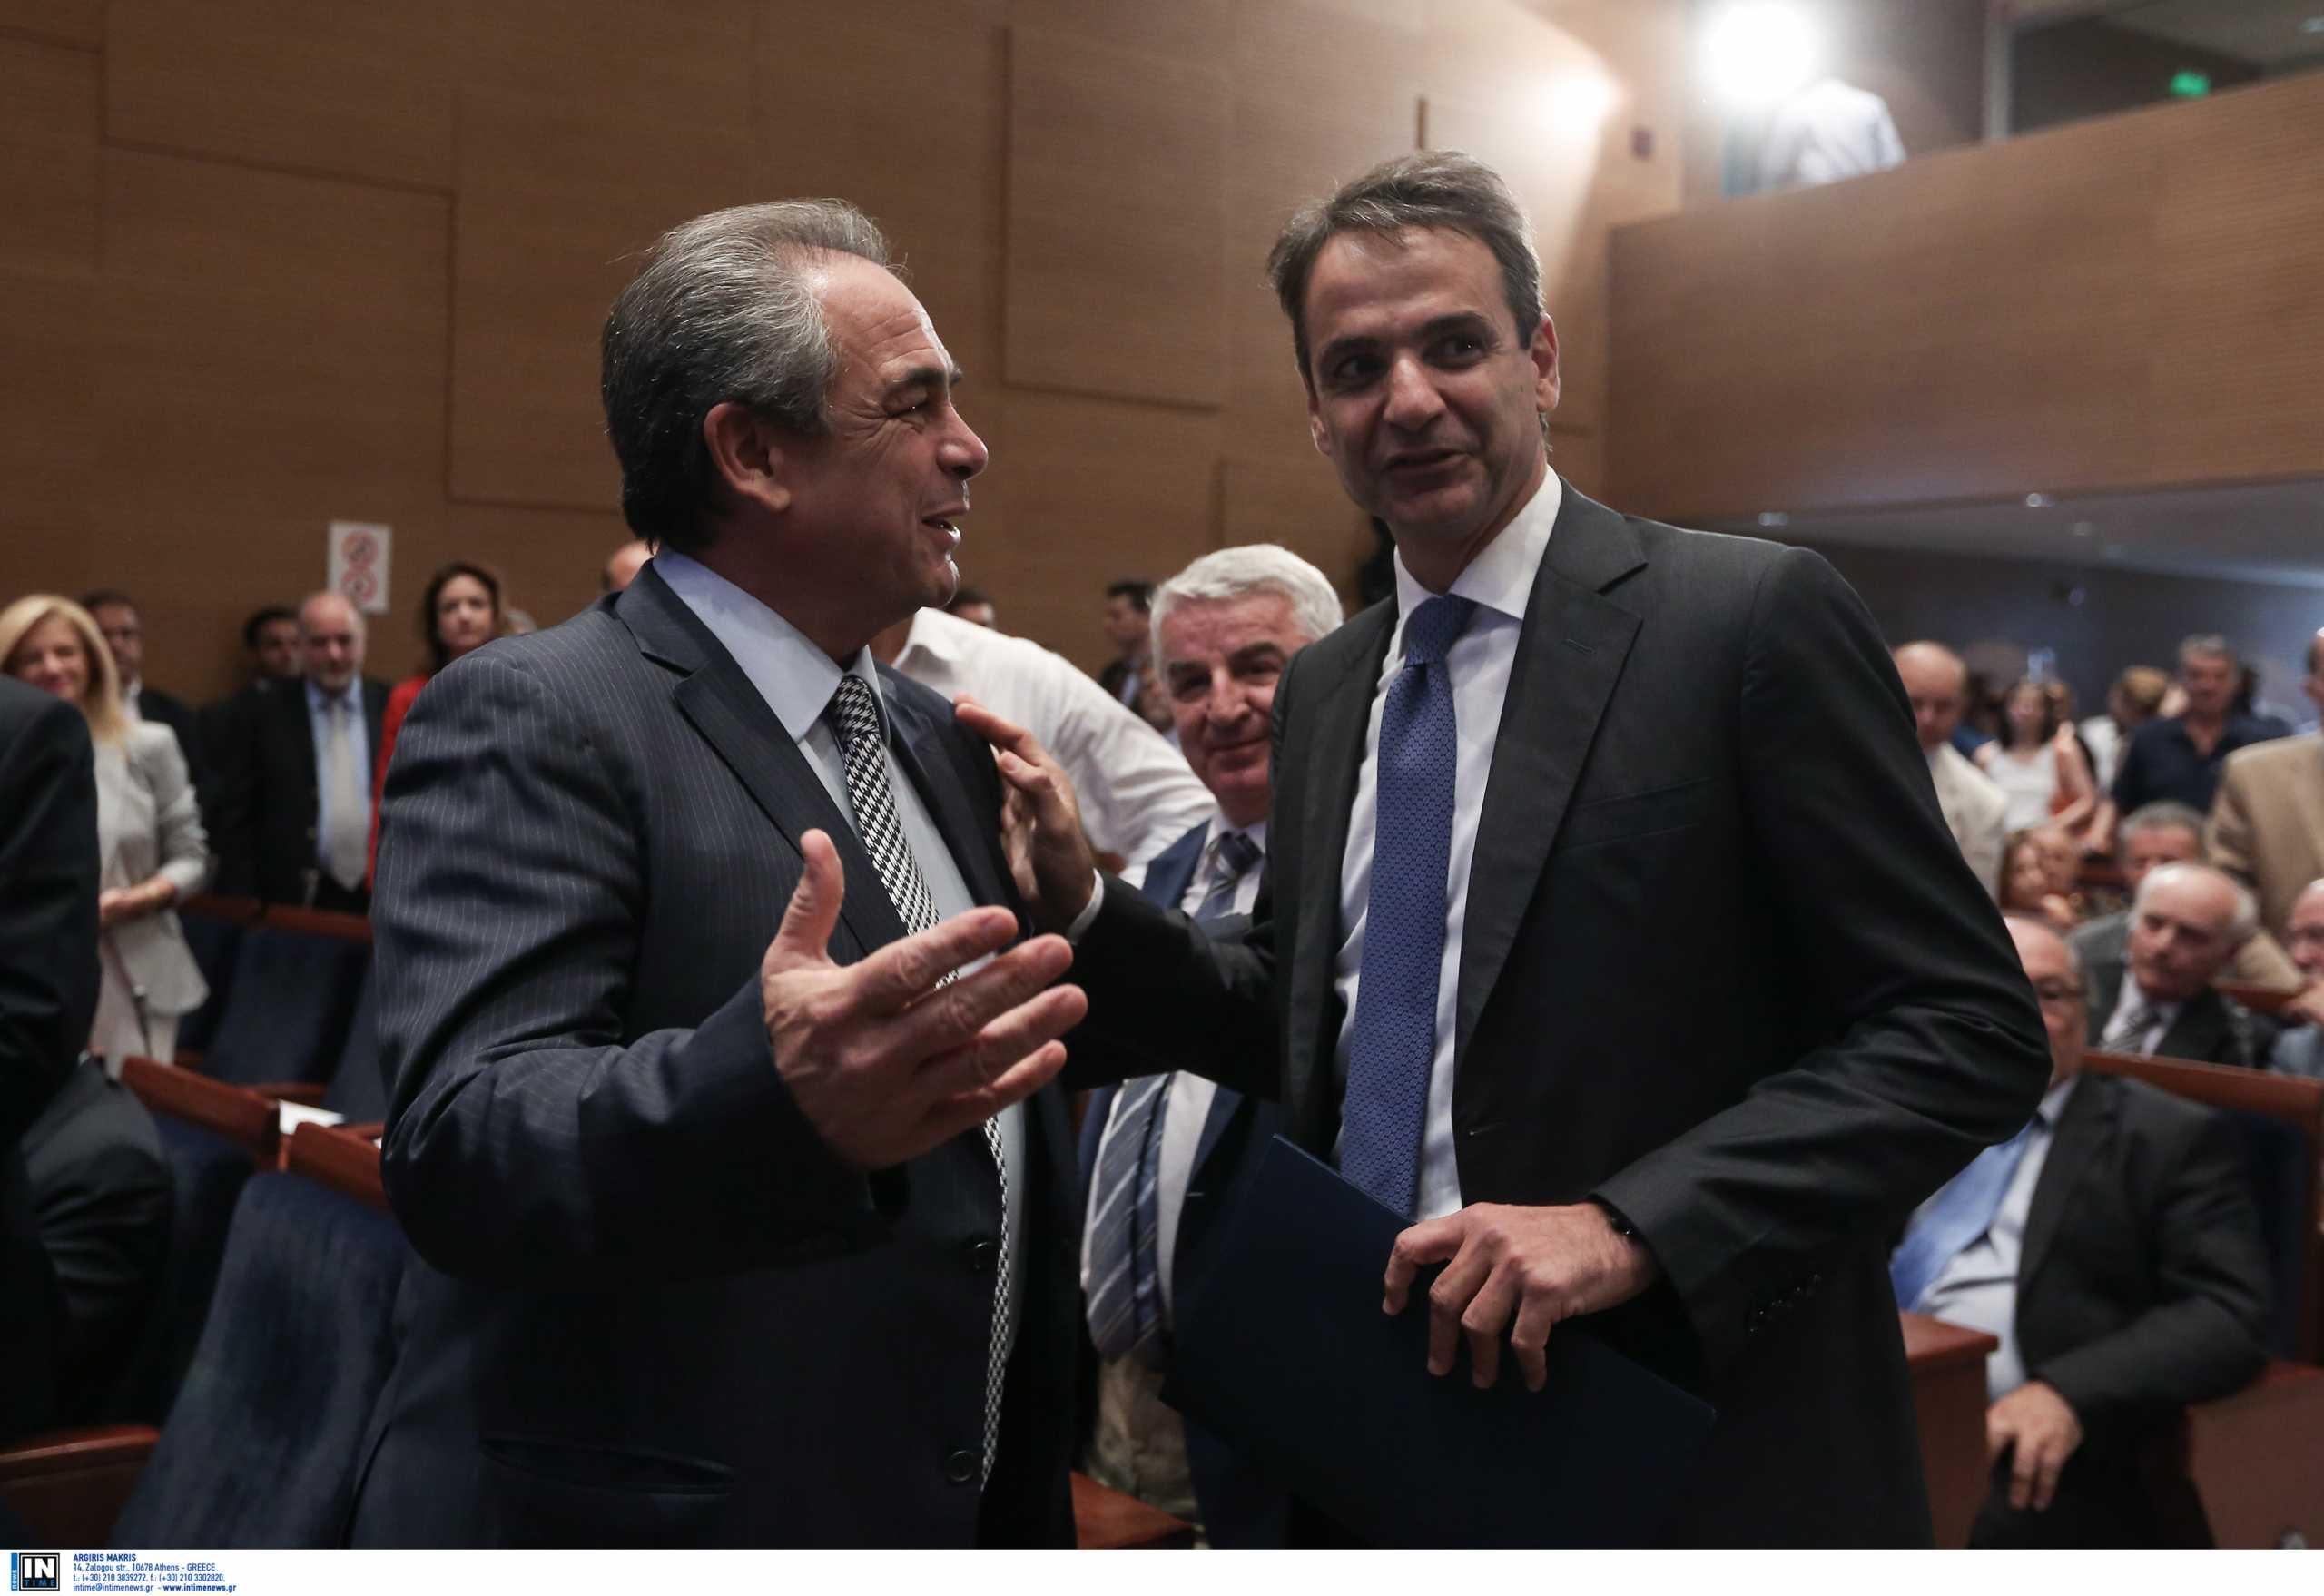 Κωνσταντίνος Μίχαλος: Ο πολιτικός κόσμος αποχαιρετά τον πρόεδρο του ΕΒΕΑ